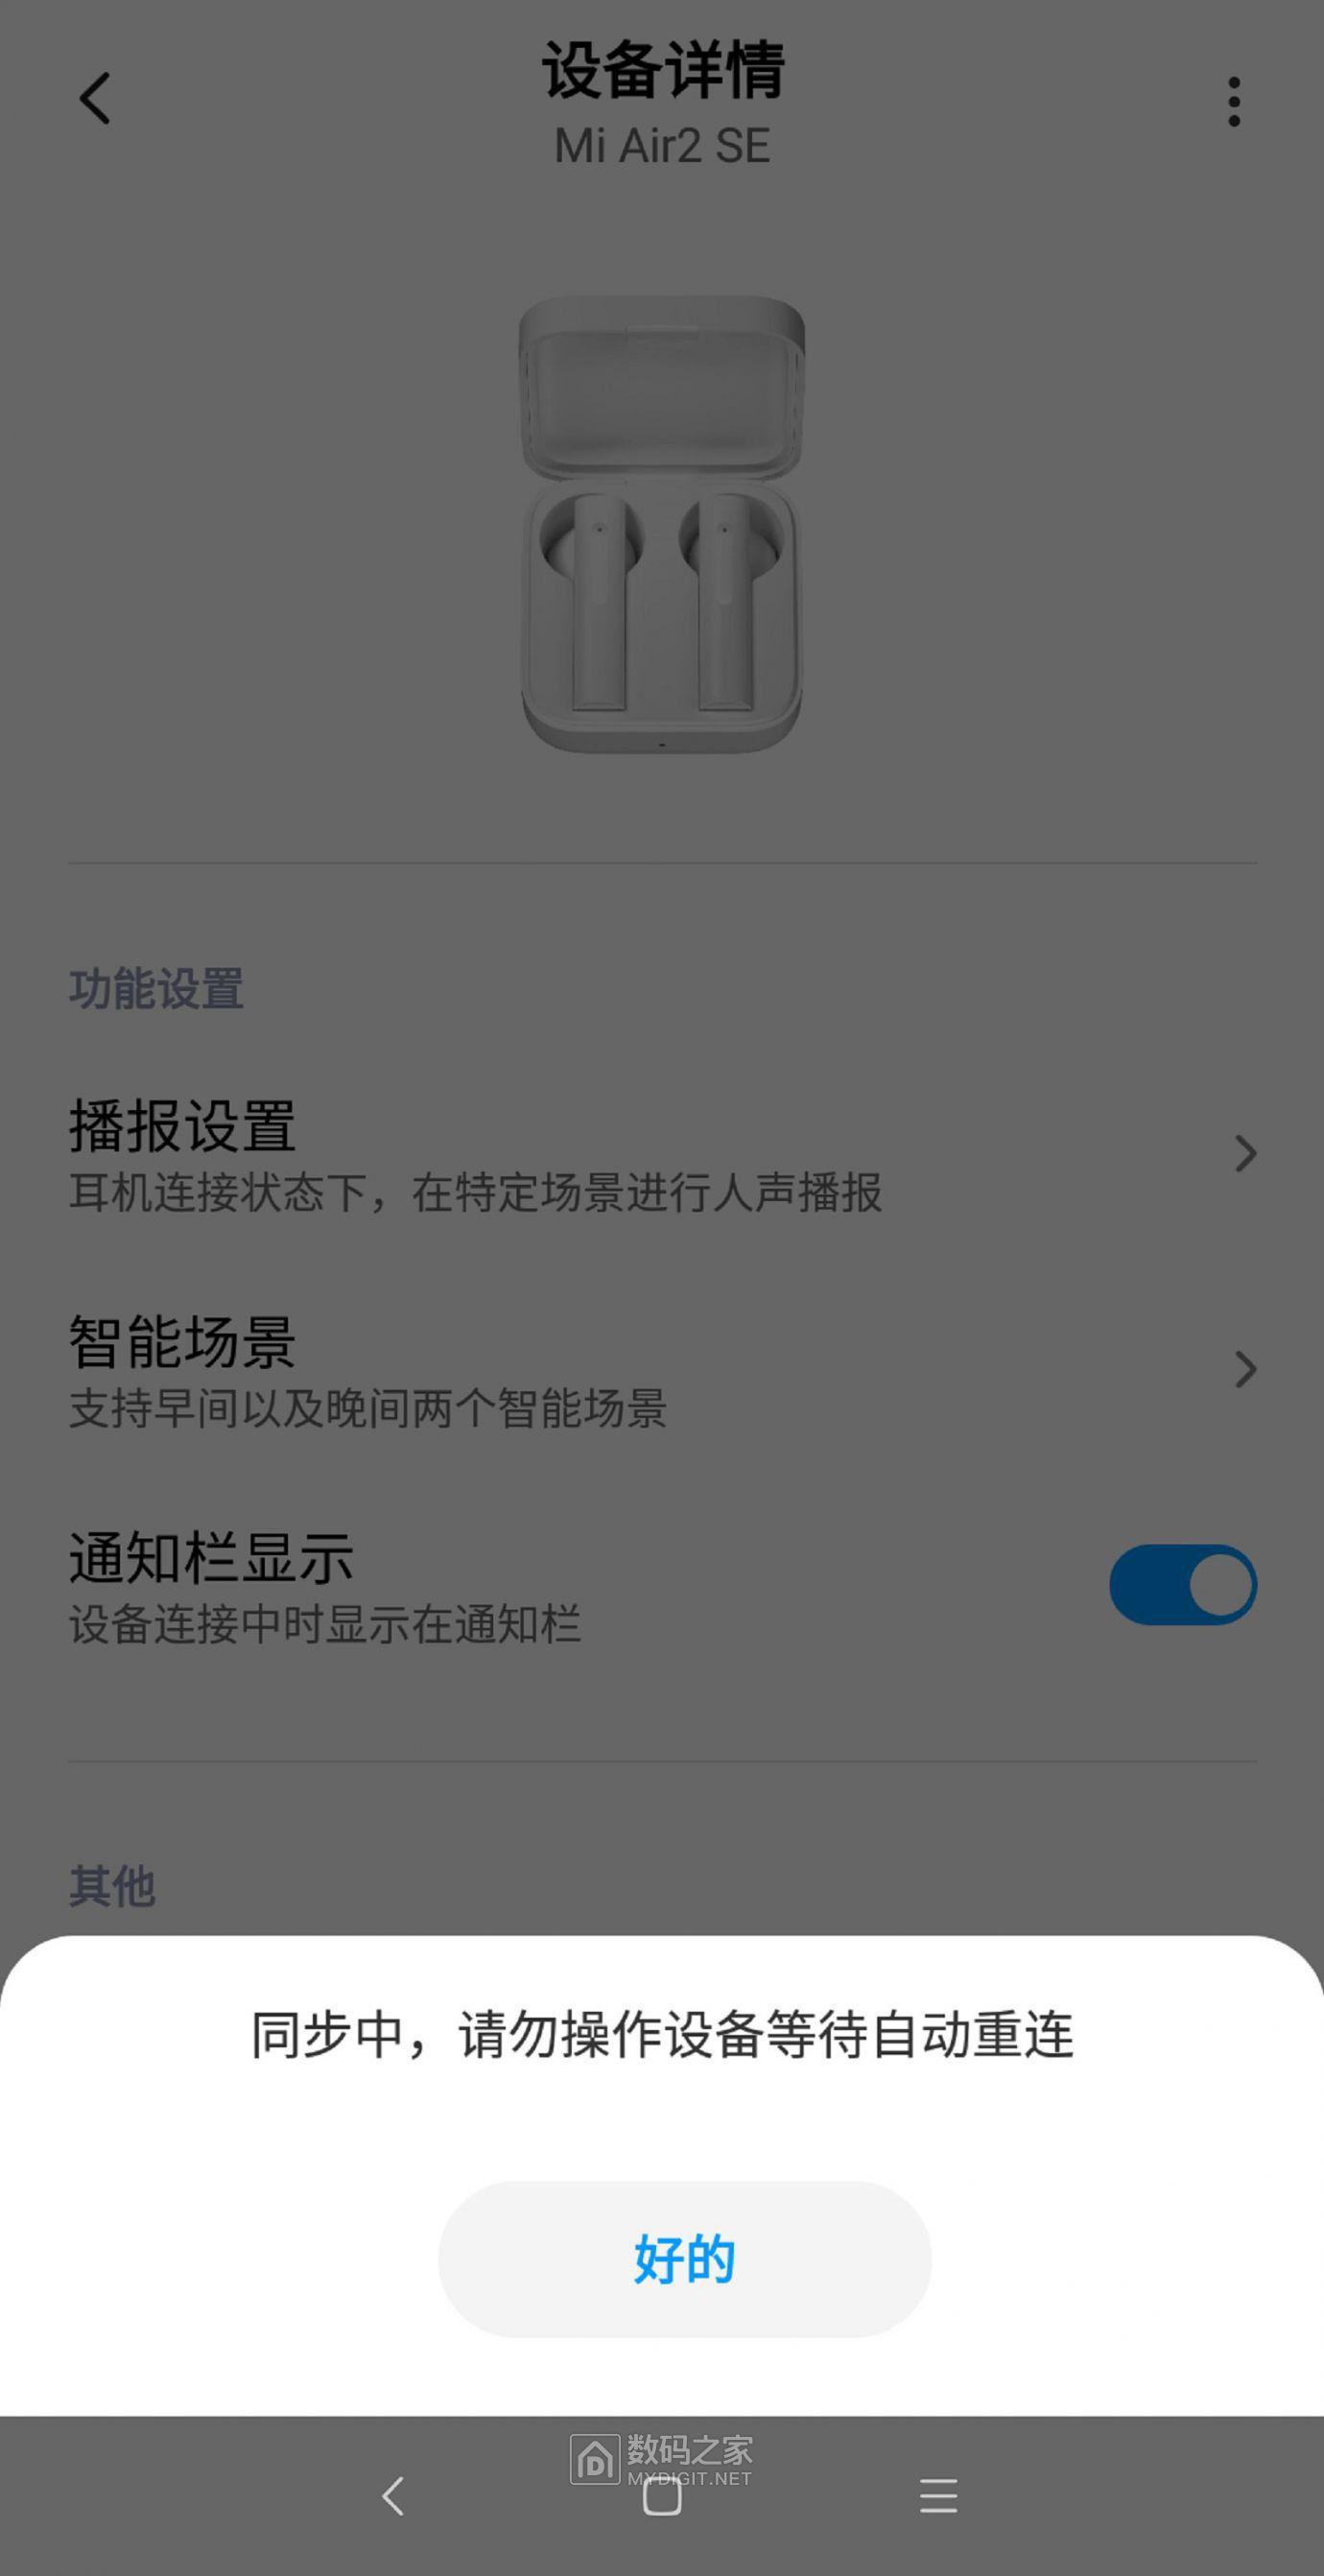 Screenshot_2021-04-16-20-17-11-304_com.xiaomi.xiaoailite.jpg